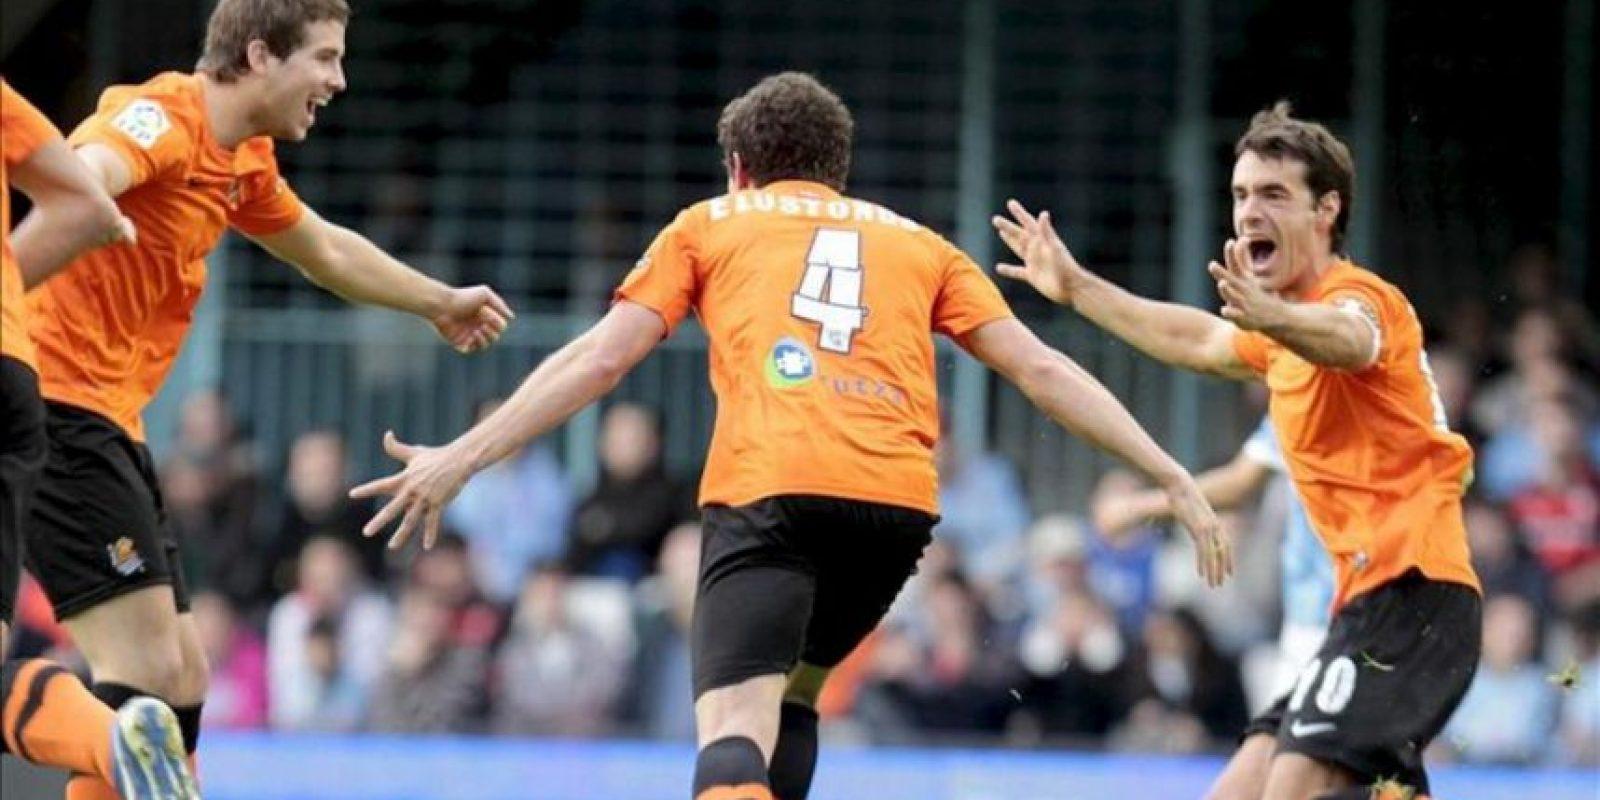 El centrocampista de la Real Sociedad Gorka Elustondo (c) celebra con sus compañeros el gol marcado al Celta de Vigo durante el partido de la vigésimo primera jornada de Liga de Primera División disputado en el estadio de Balaídos de Vigo. EFE